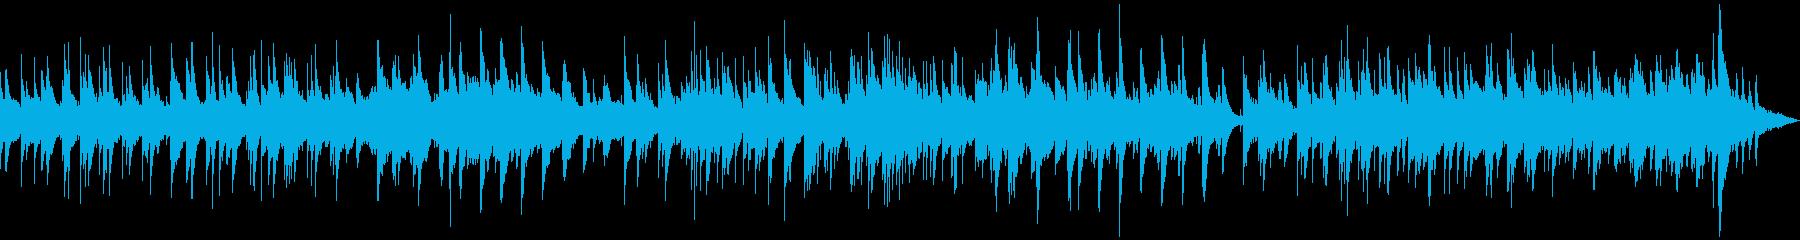 アコースティックギターとアコーステ...の再生済みの波形